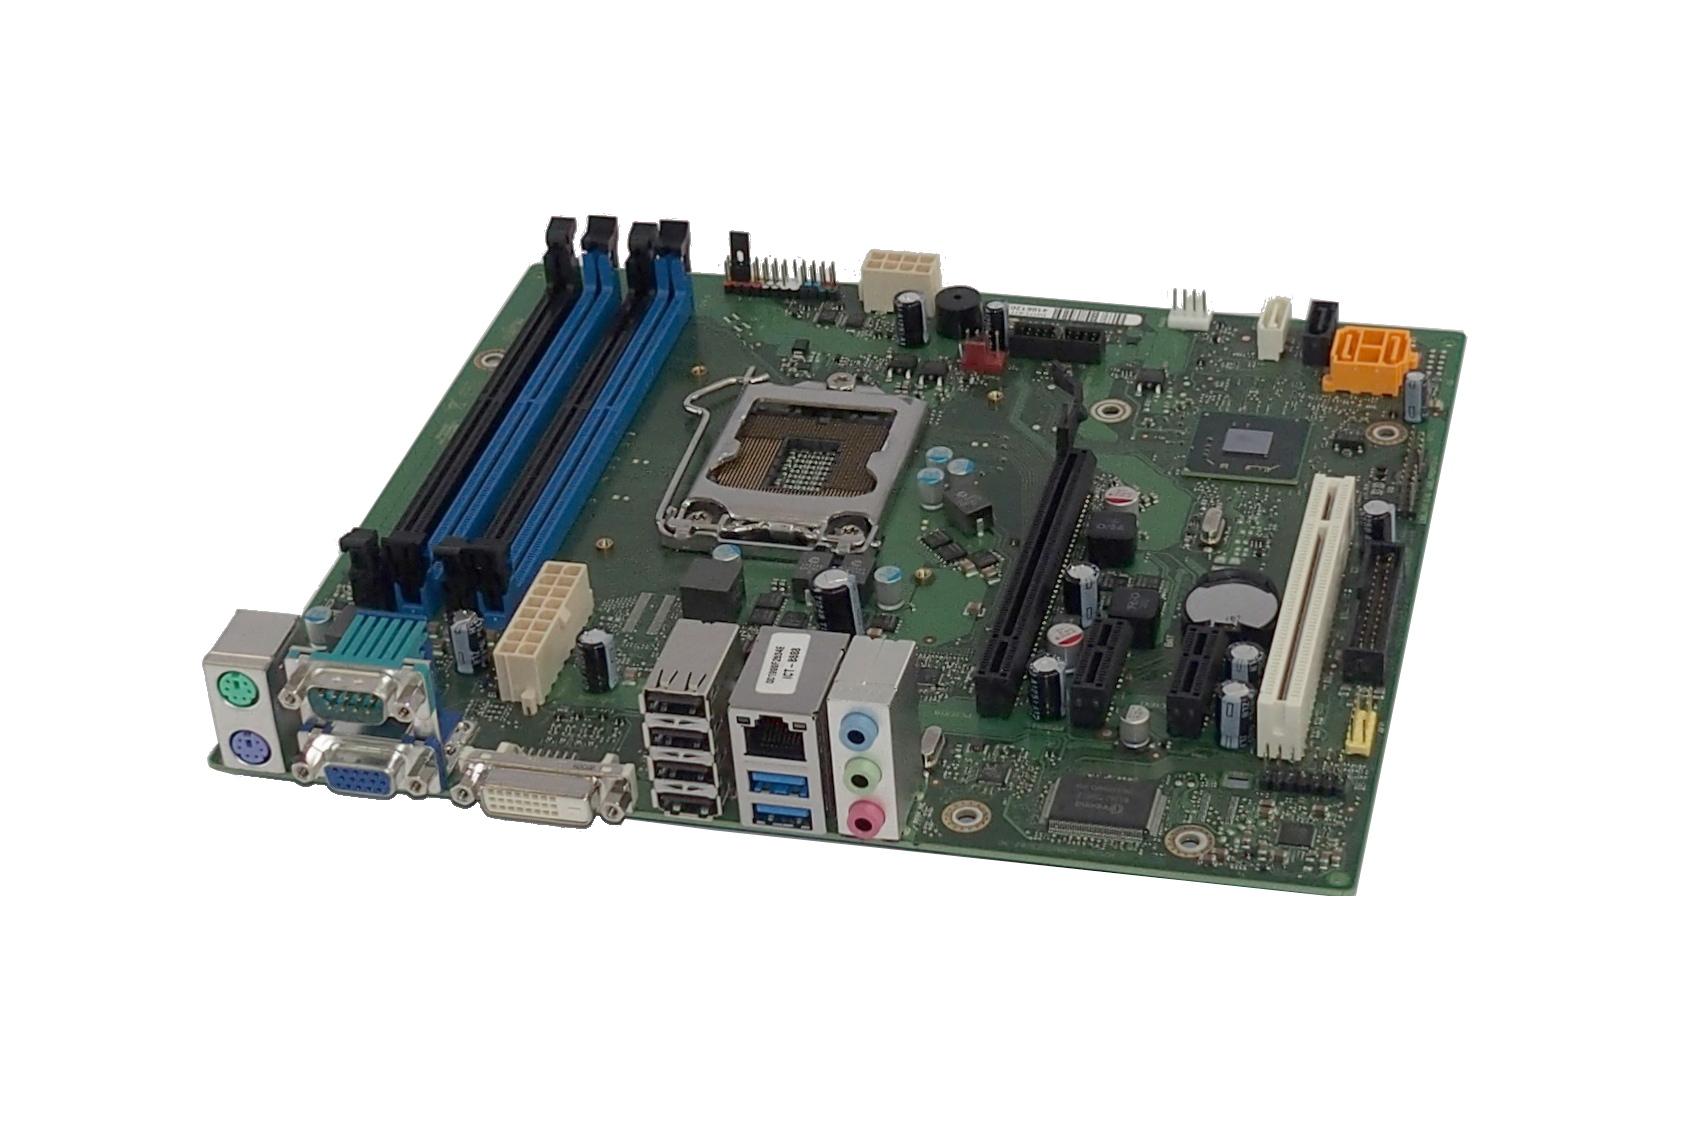 Fujitsu D3171-A11 GS 1 DDR3 Socket LGA 775 uATX Motherboard